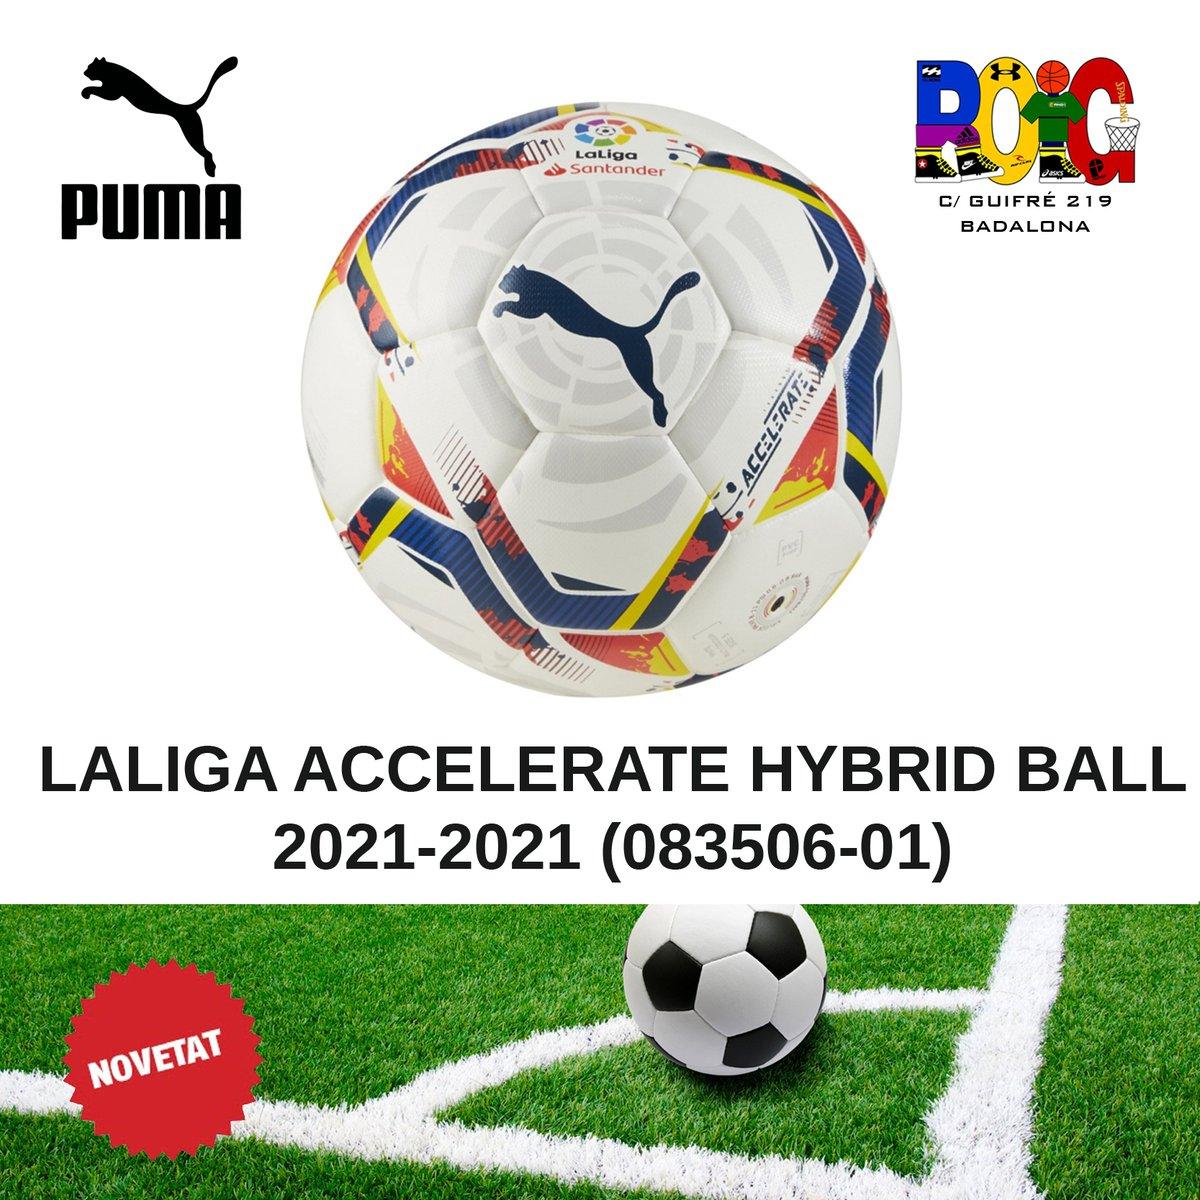 📢 NOVETATS pilotes de futbol ⚽: la Puma LALIGA ADRENALINA HYBRID BALL 2021-2021 (083511-01) Disponibles a la botiga o a la web 💻 en https://t.co/3f0CD9fvvP #puma #jordiroig #badalona #futbol #soccer https://t.co/DaE7A1buUN